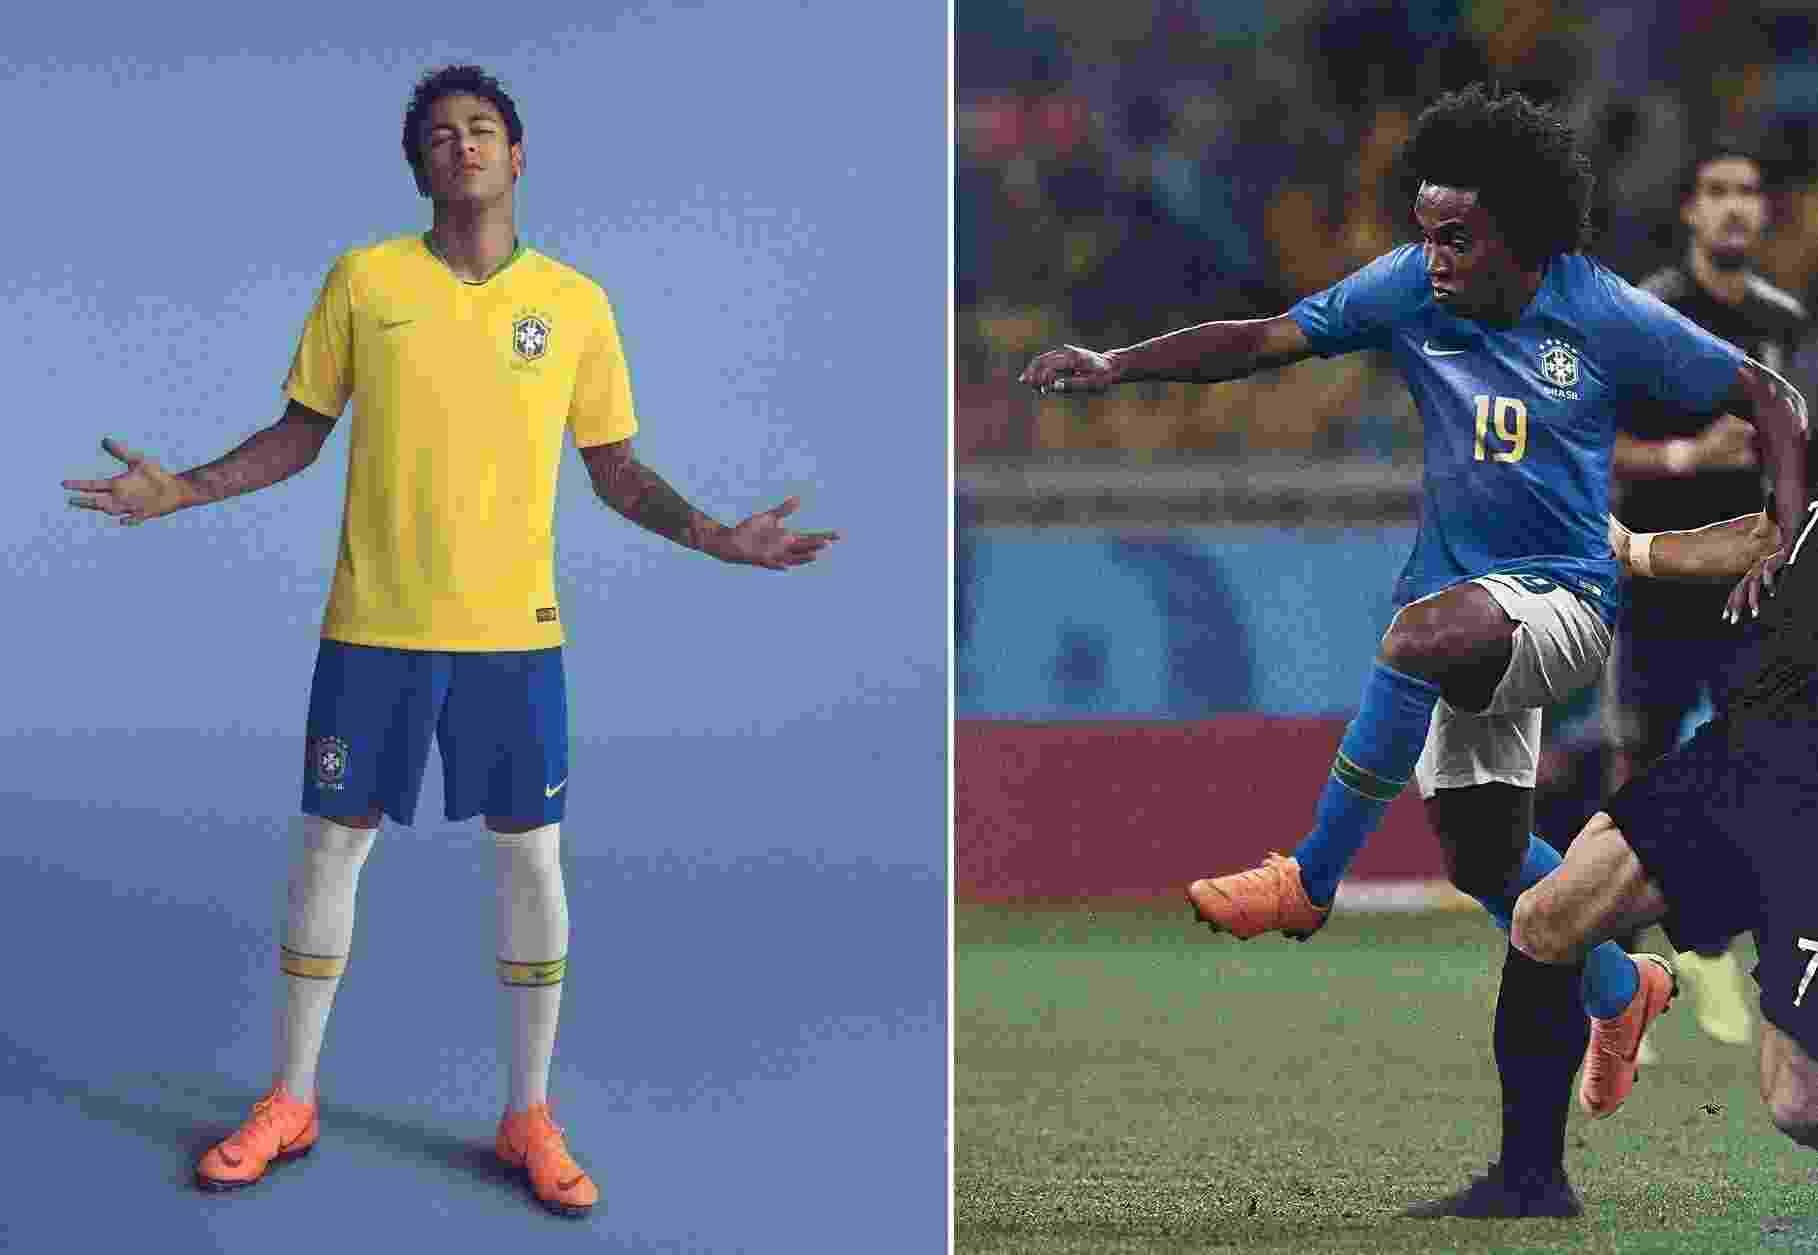 Uniformes da seleção do Brasil - Divulgação/Nike